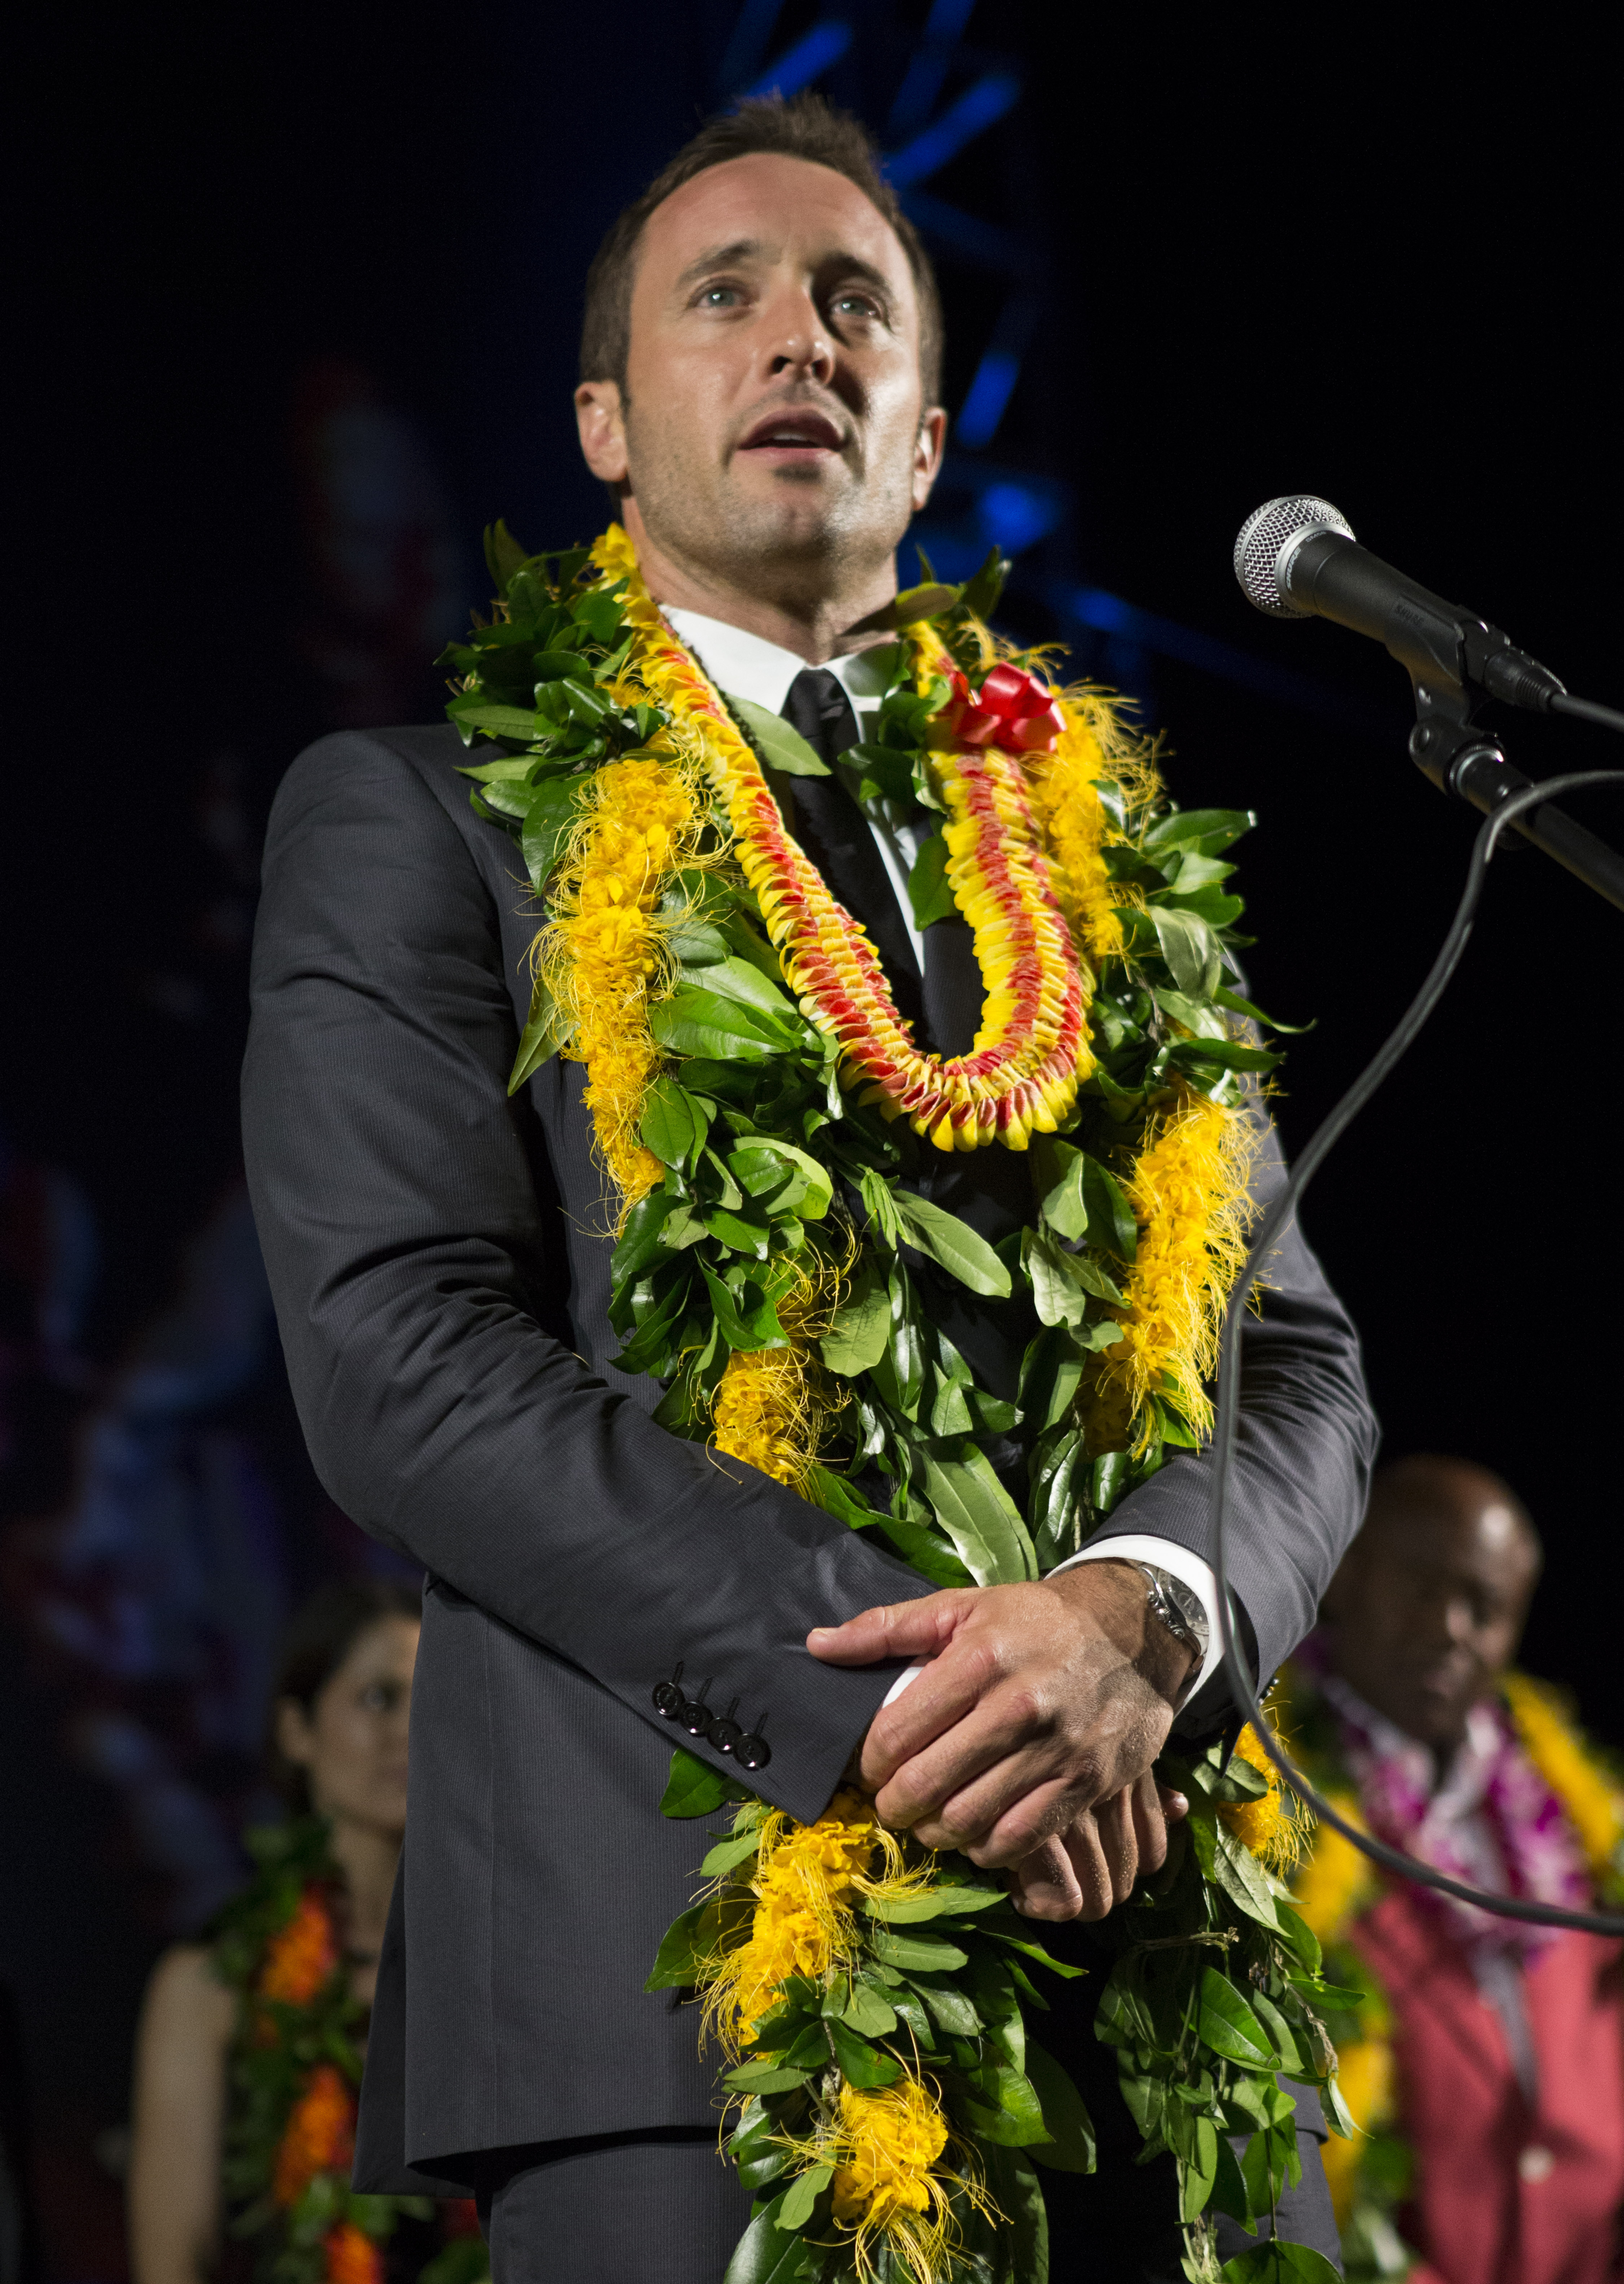 Hawaii Five-0 Sunset on the Beach - Alex O'Loughlin